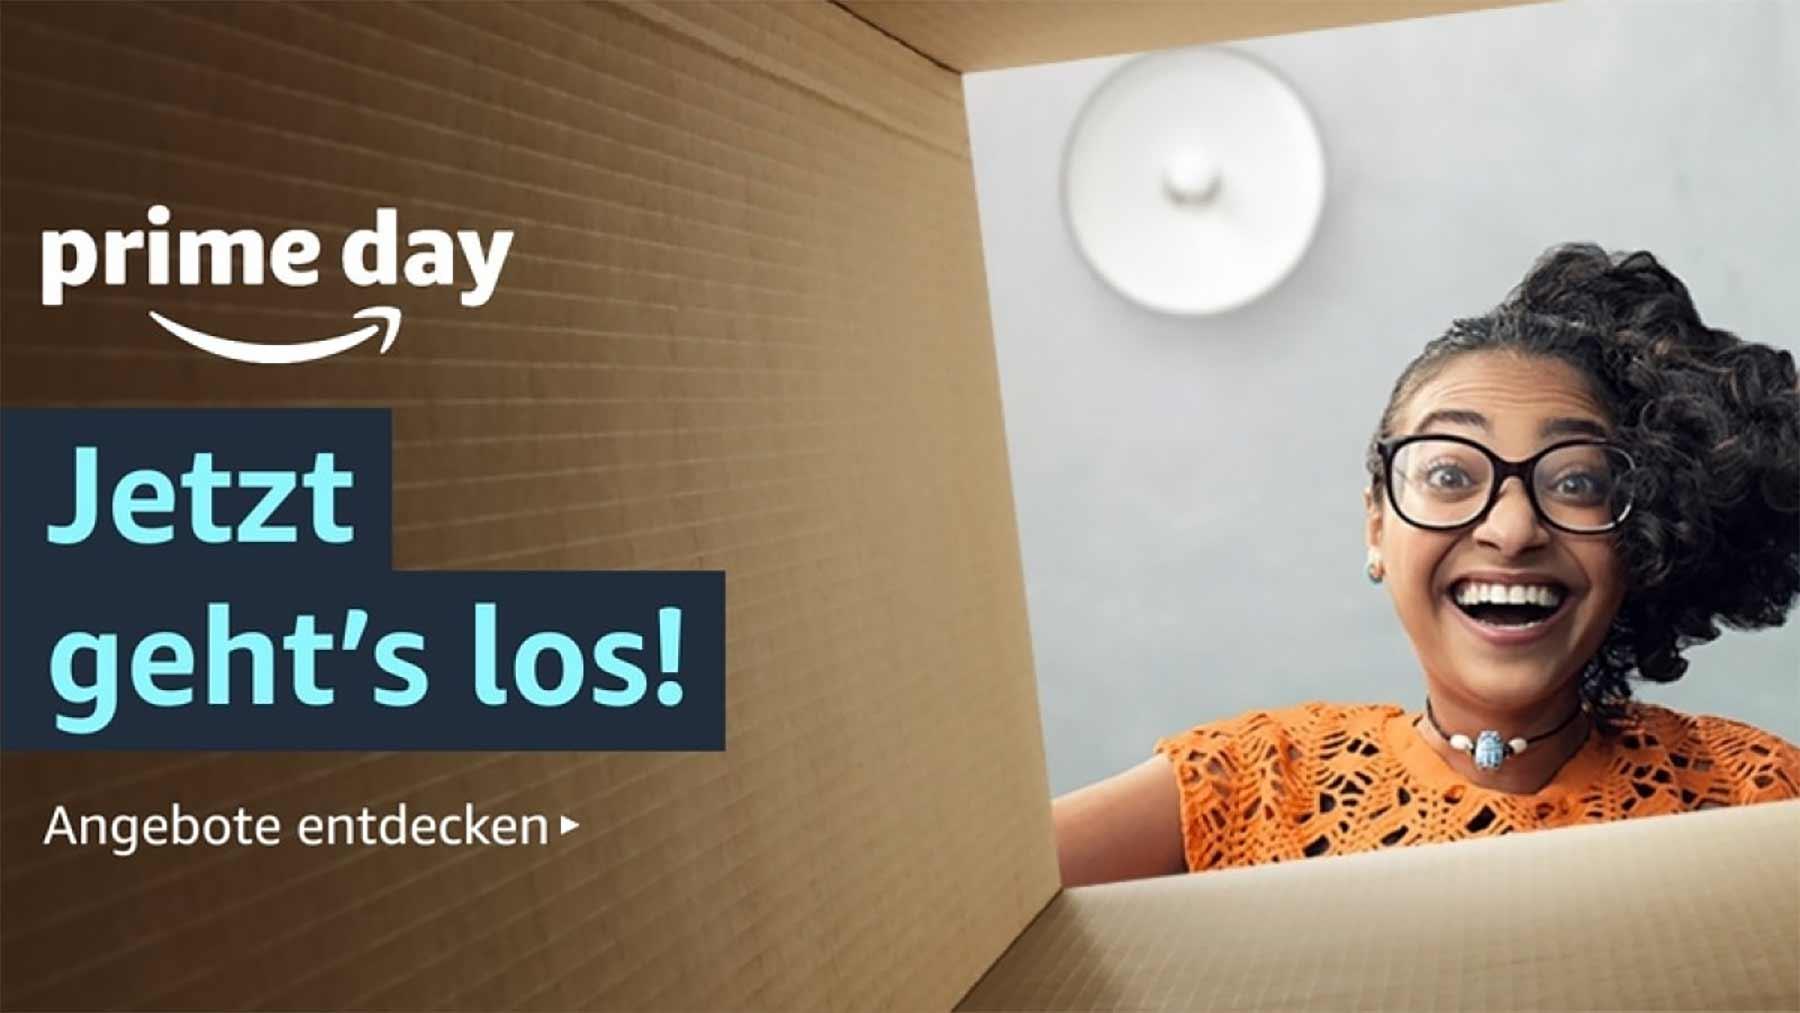 Unterstützt LwDn beim Amazon Prime Day 2021 amazon-prime-day_2021